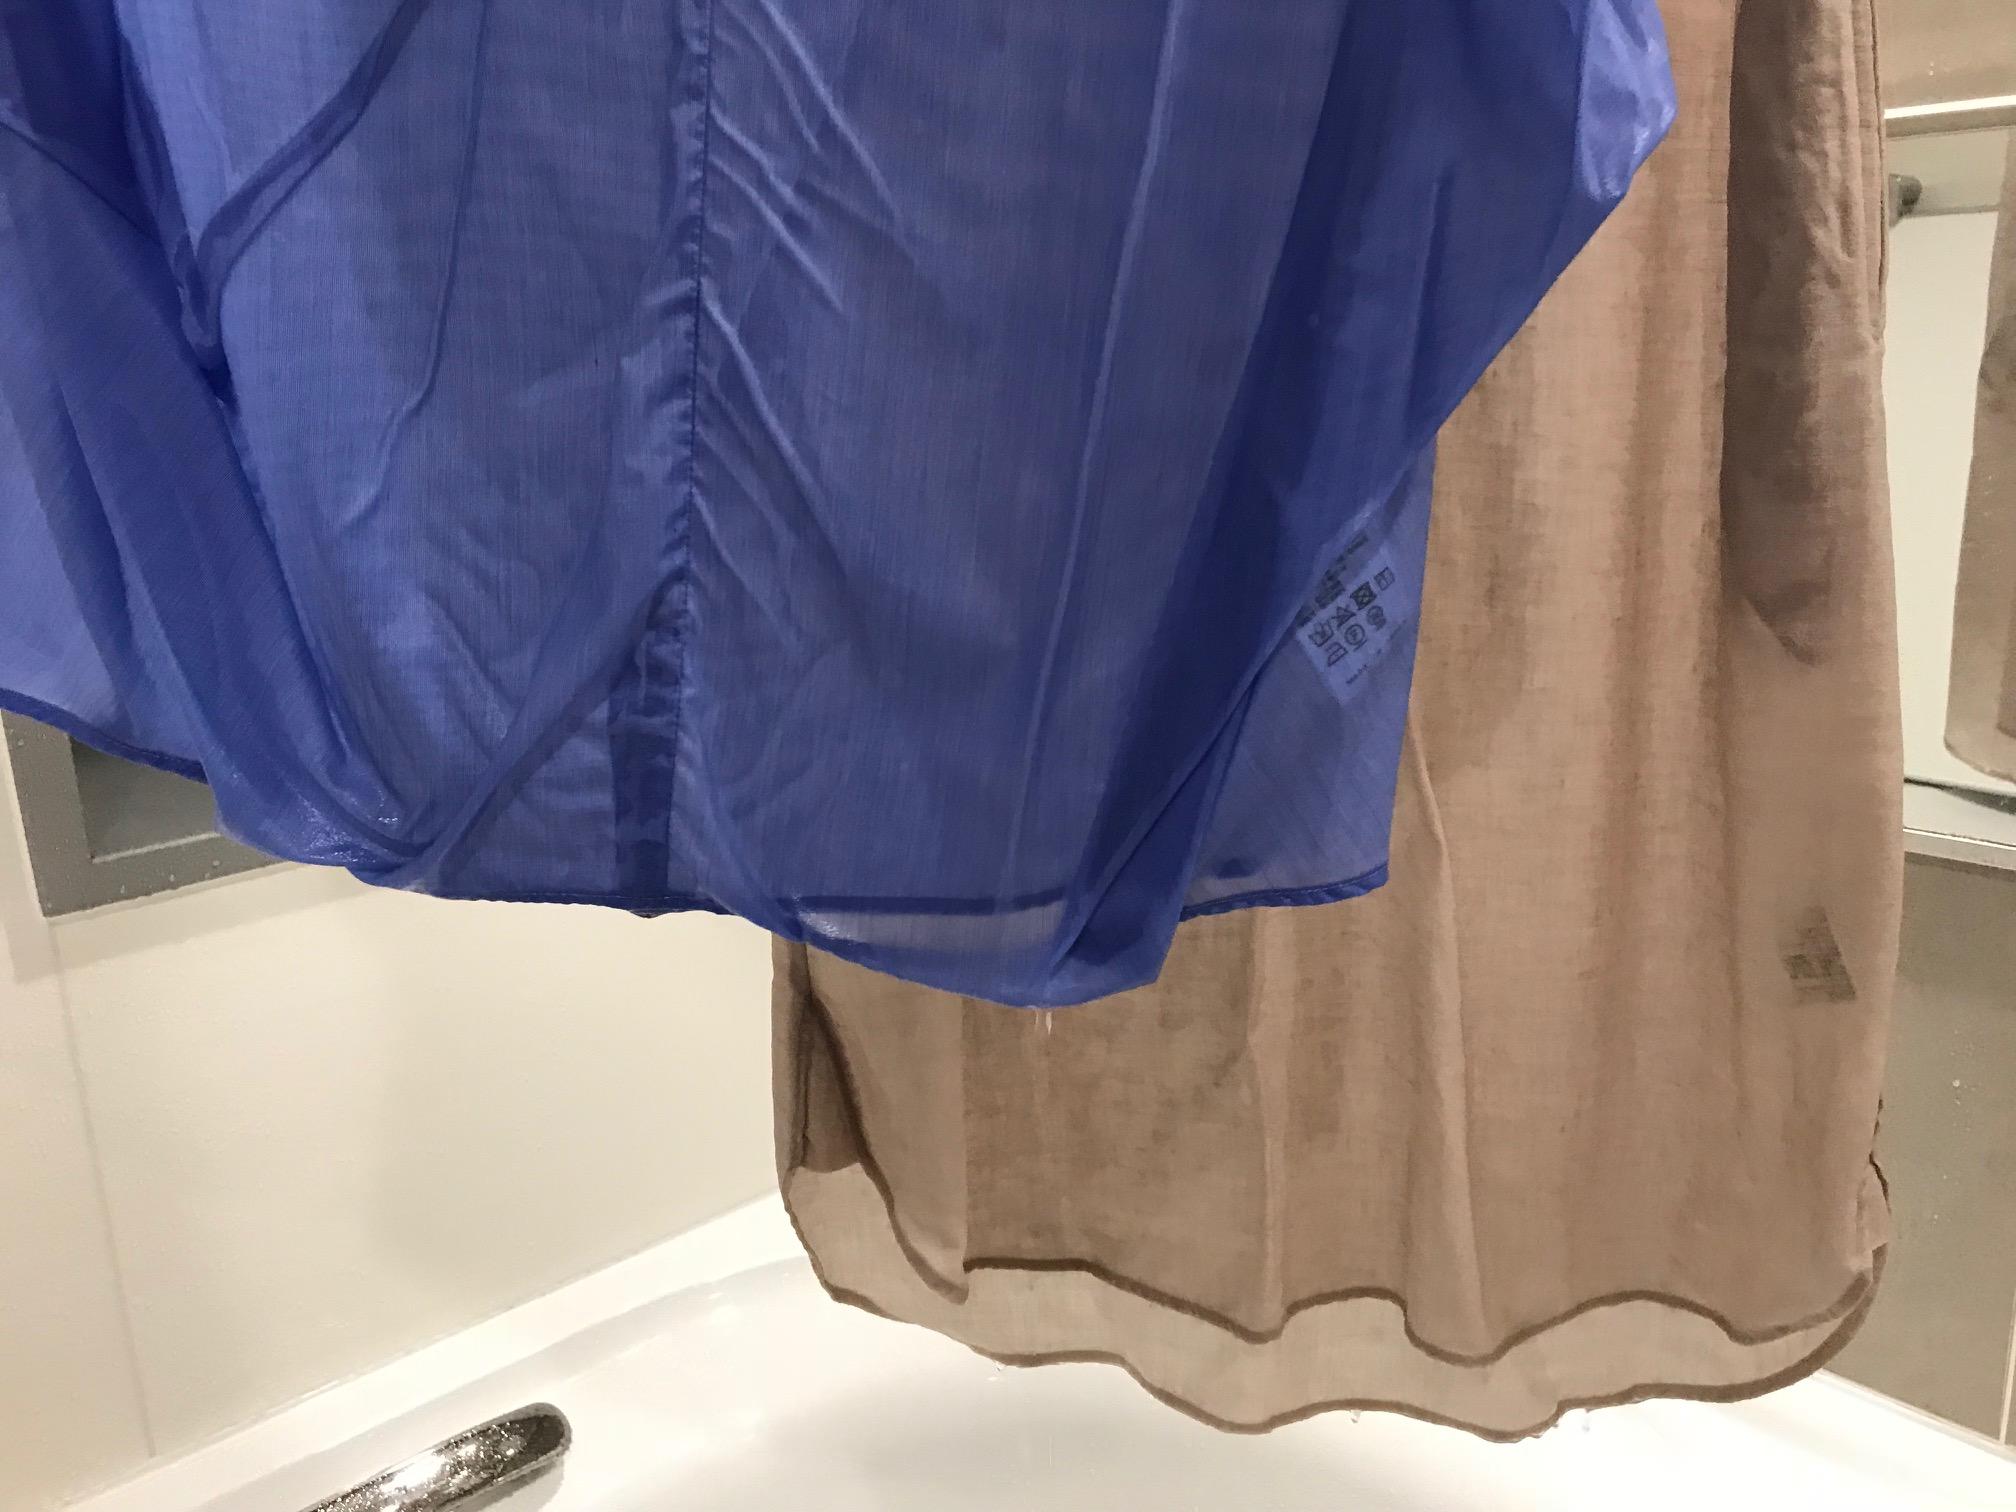 汗まみれのオシャレ着にはとりあえず水シャワー